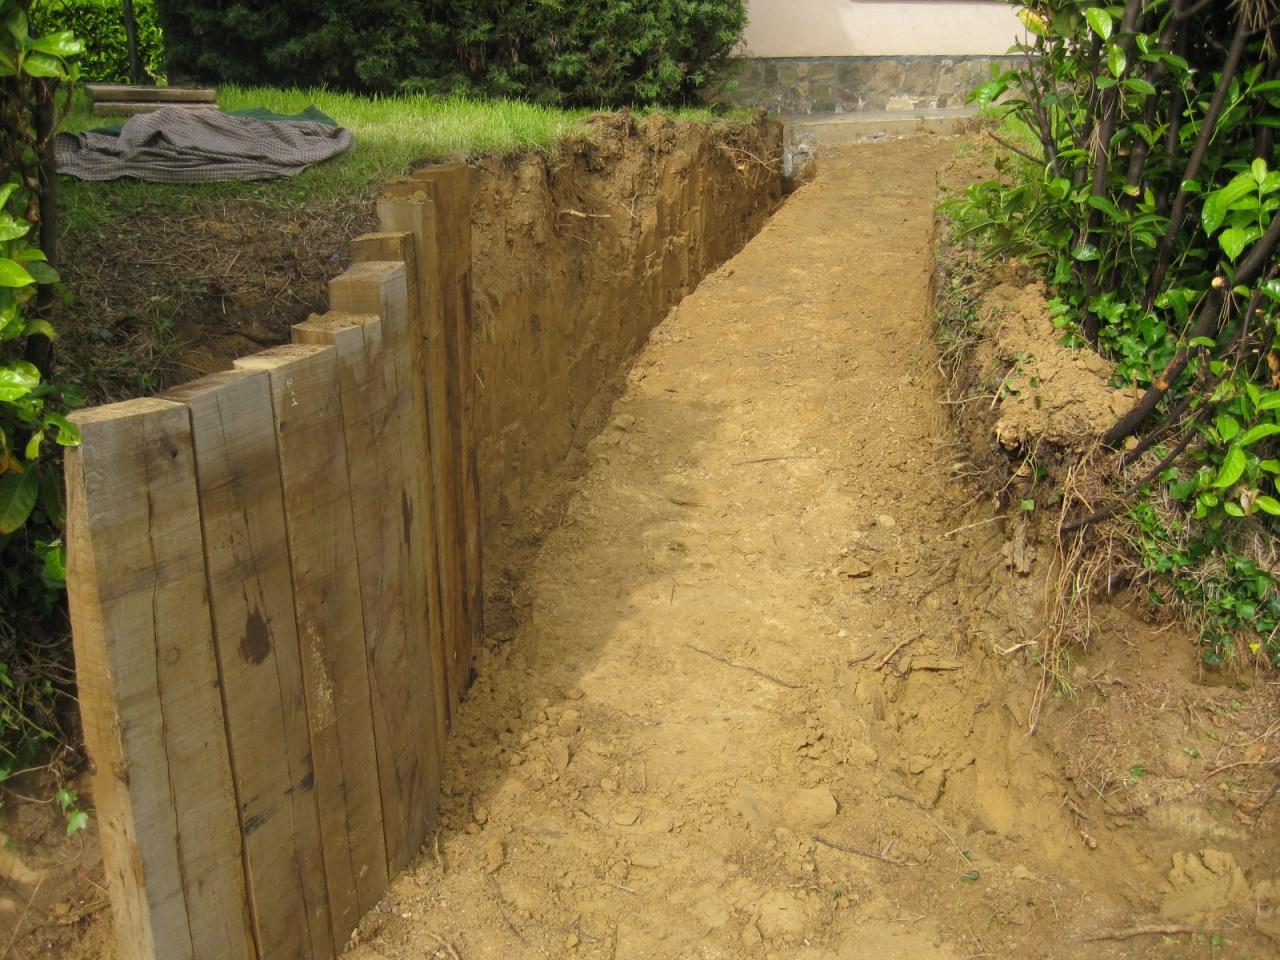 Entreprise de jardinage entretien et cr ation de jardin for Entreprise entretien jardin 18